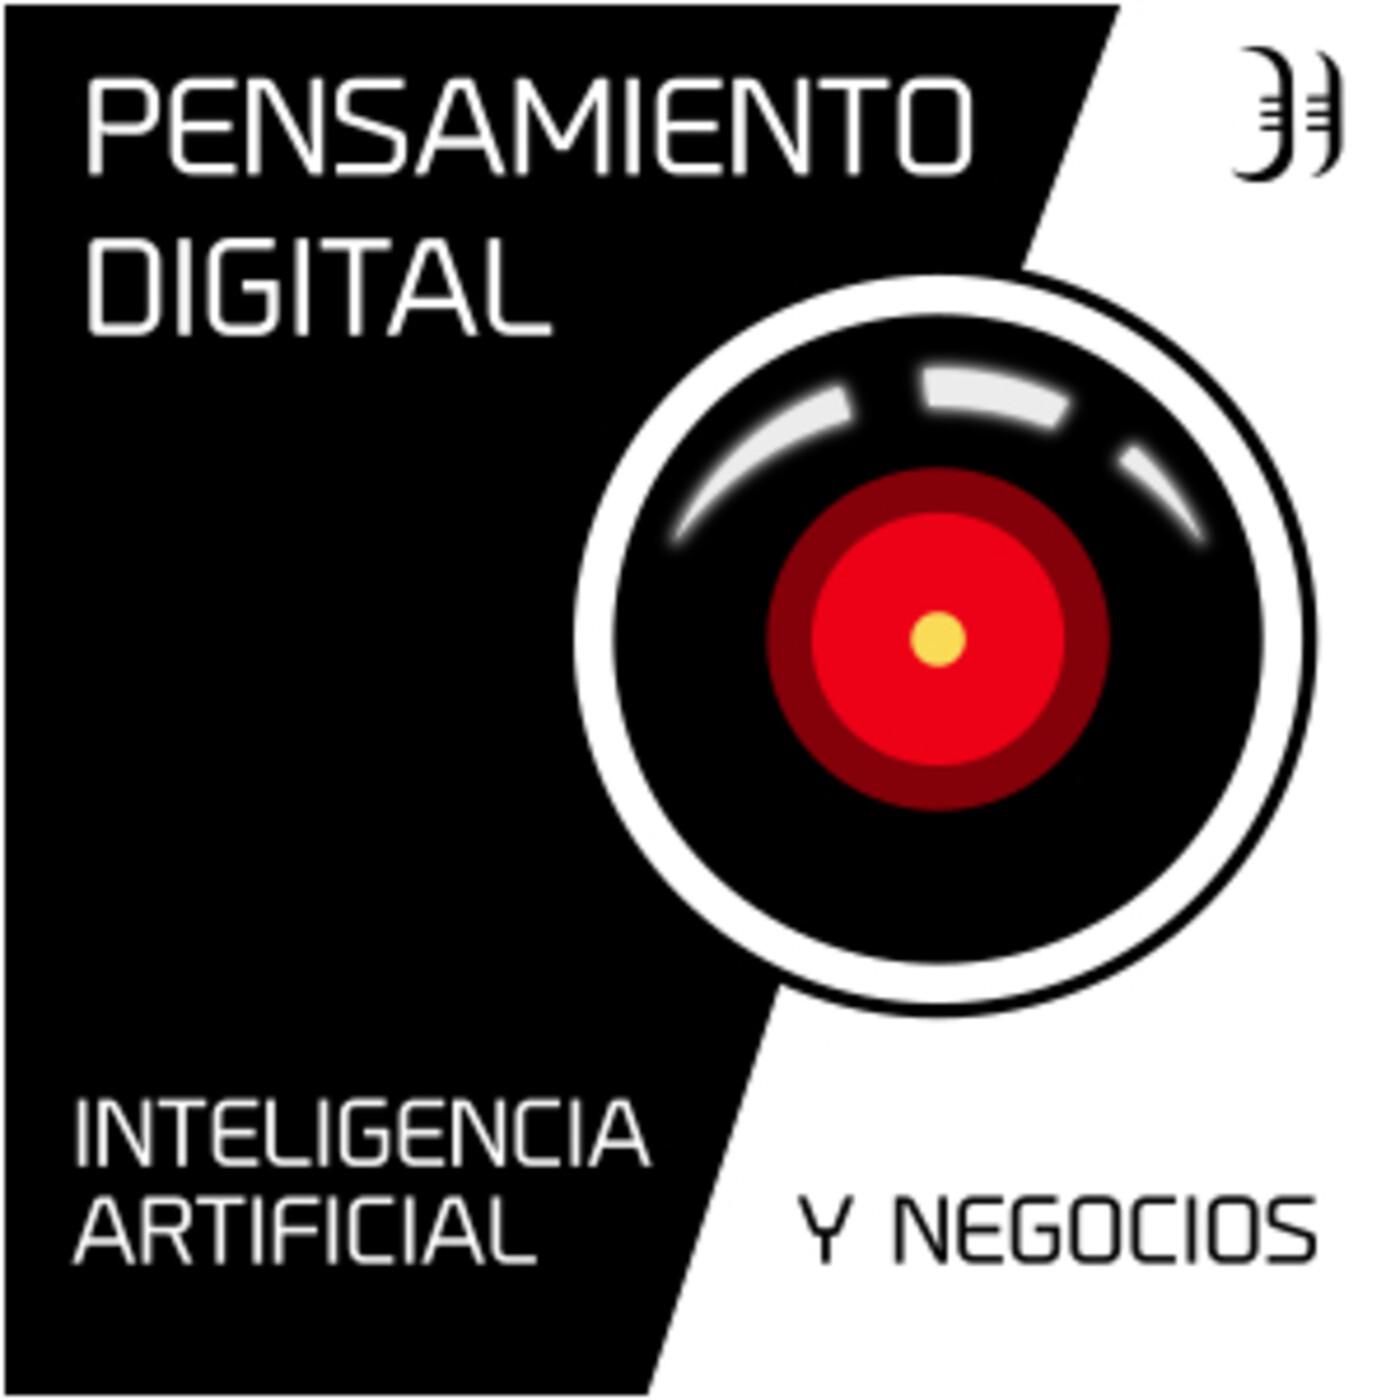 Episodio 10. Inteligencia Artificial aplicada al Marketing Digital, con José Carlos Cortizo